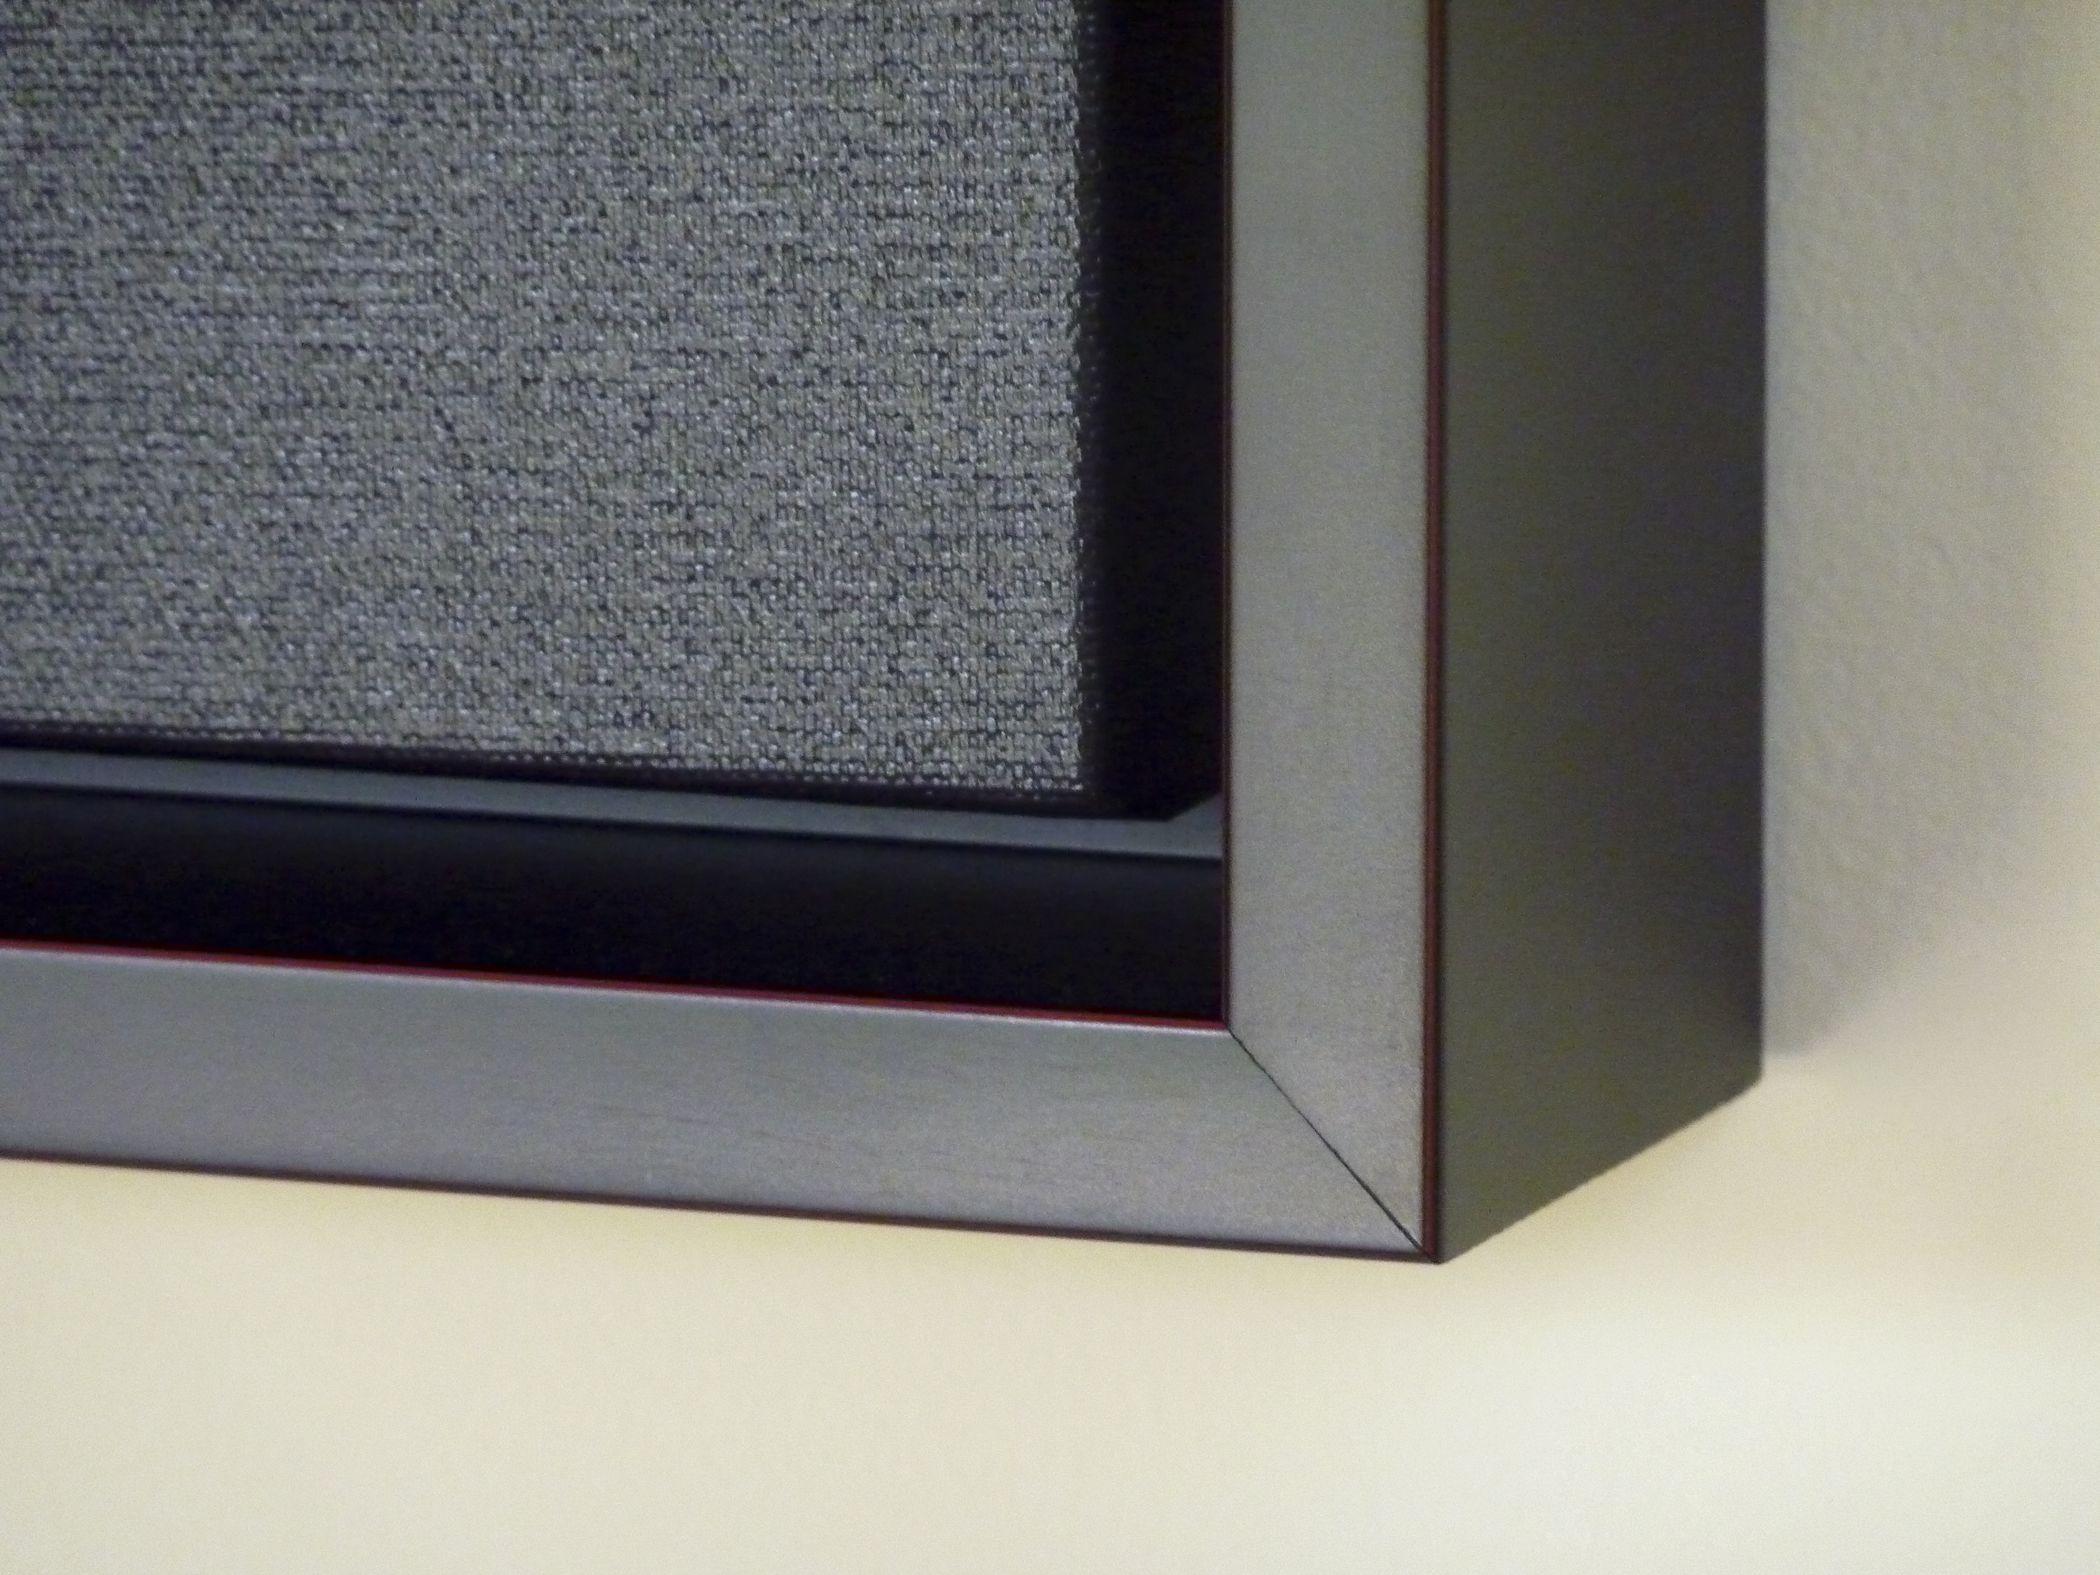 floating frame close up